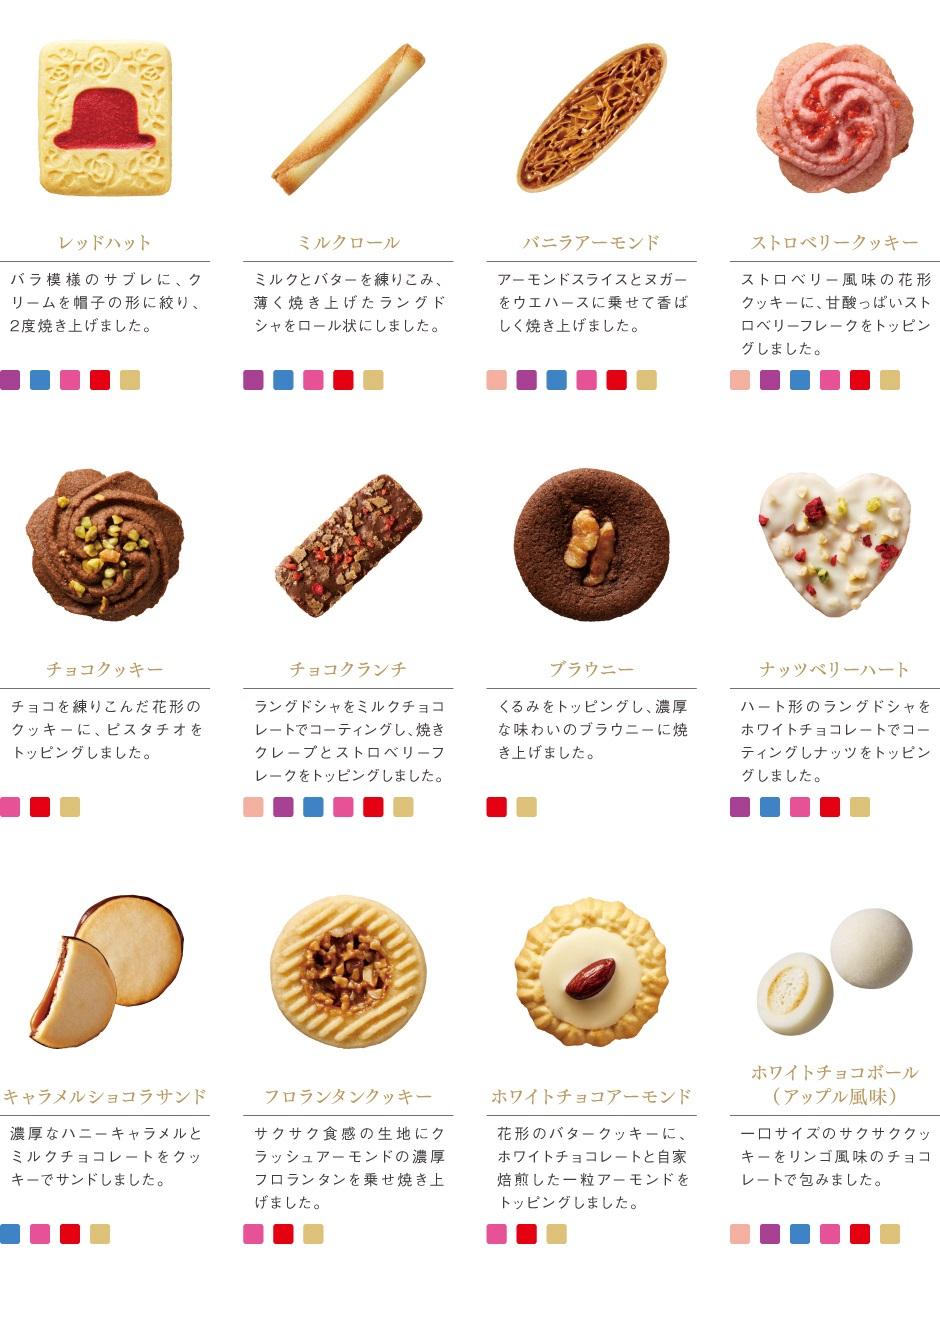 [赤い帽子のお菓子]レッドハット/ミルクロール/バニラアーモンド/ストロベリークッキー/チョコクッキー/チョコクランチ/ブラウニー/ナッツベリーハート/キャラメルショコラサンド/フロランタンクッキー/ホワイトチョコアーモンド/ホワイトチョコボール(アップル風味)